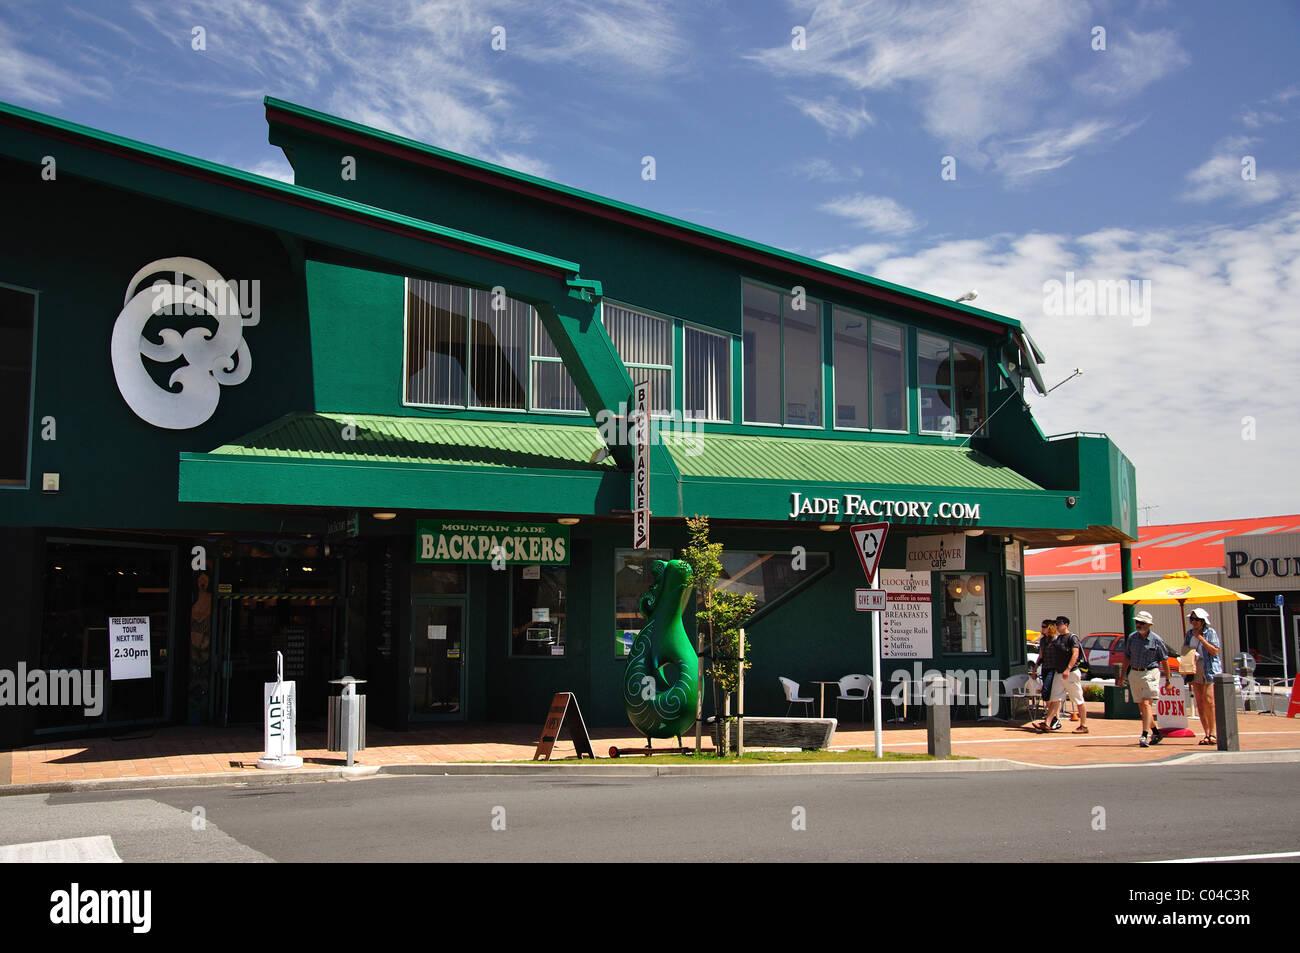 Fábrica de Jade, suelde Street, Hokitika, Westland distrito, región de la Costa Oeste, Isla del Sur, Nueva Zelanda Foto de stock